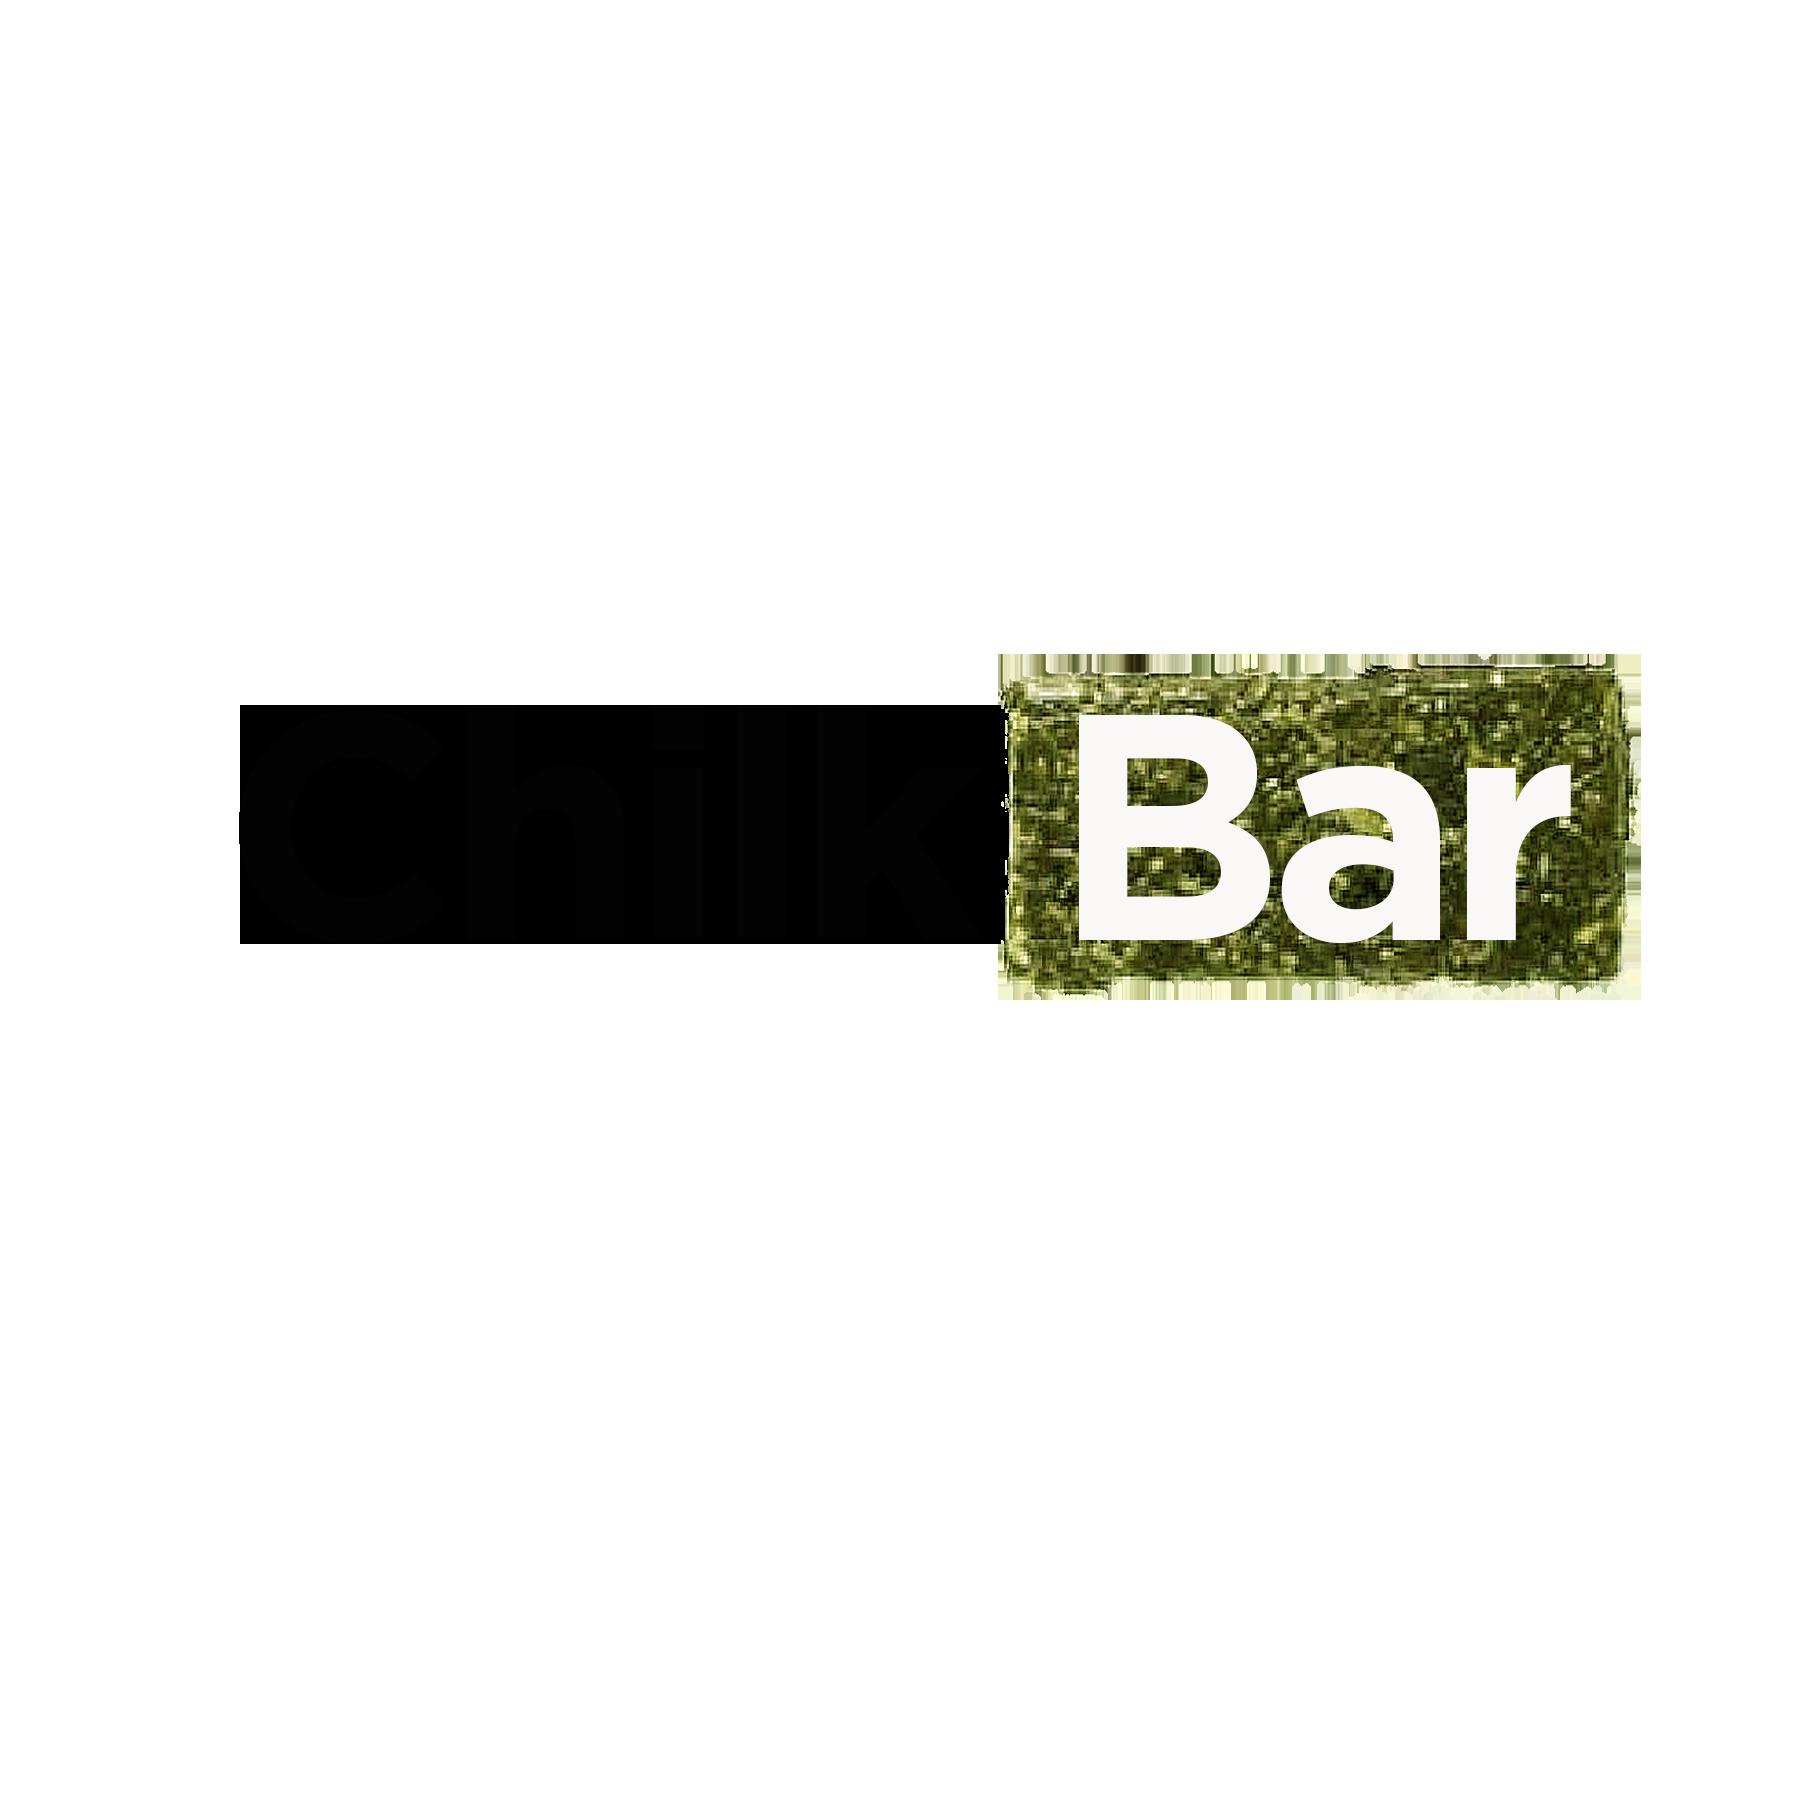 Chilk-Mania